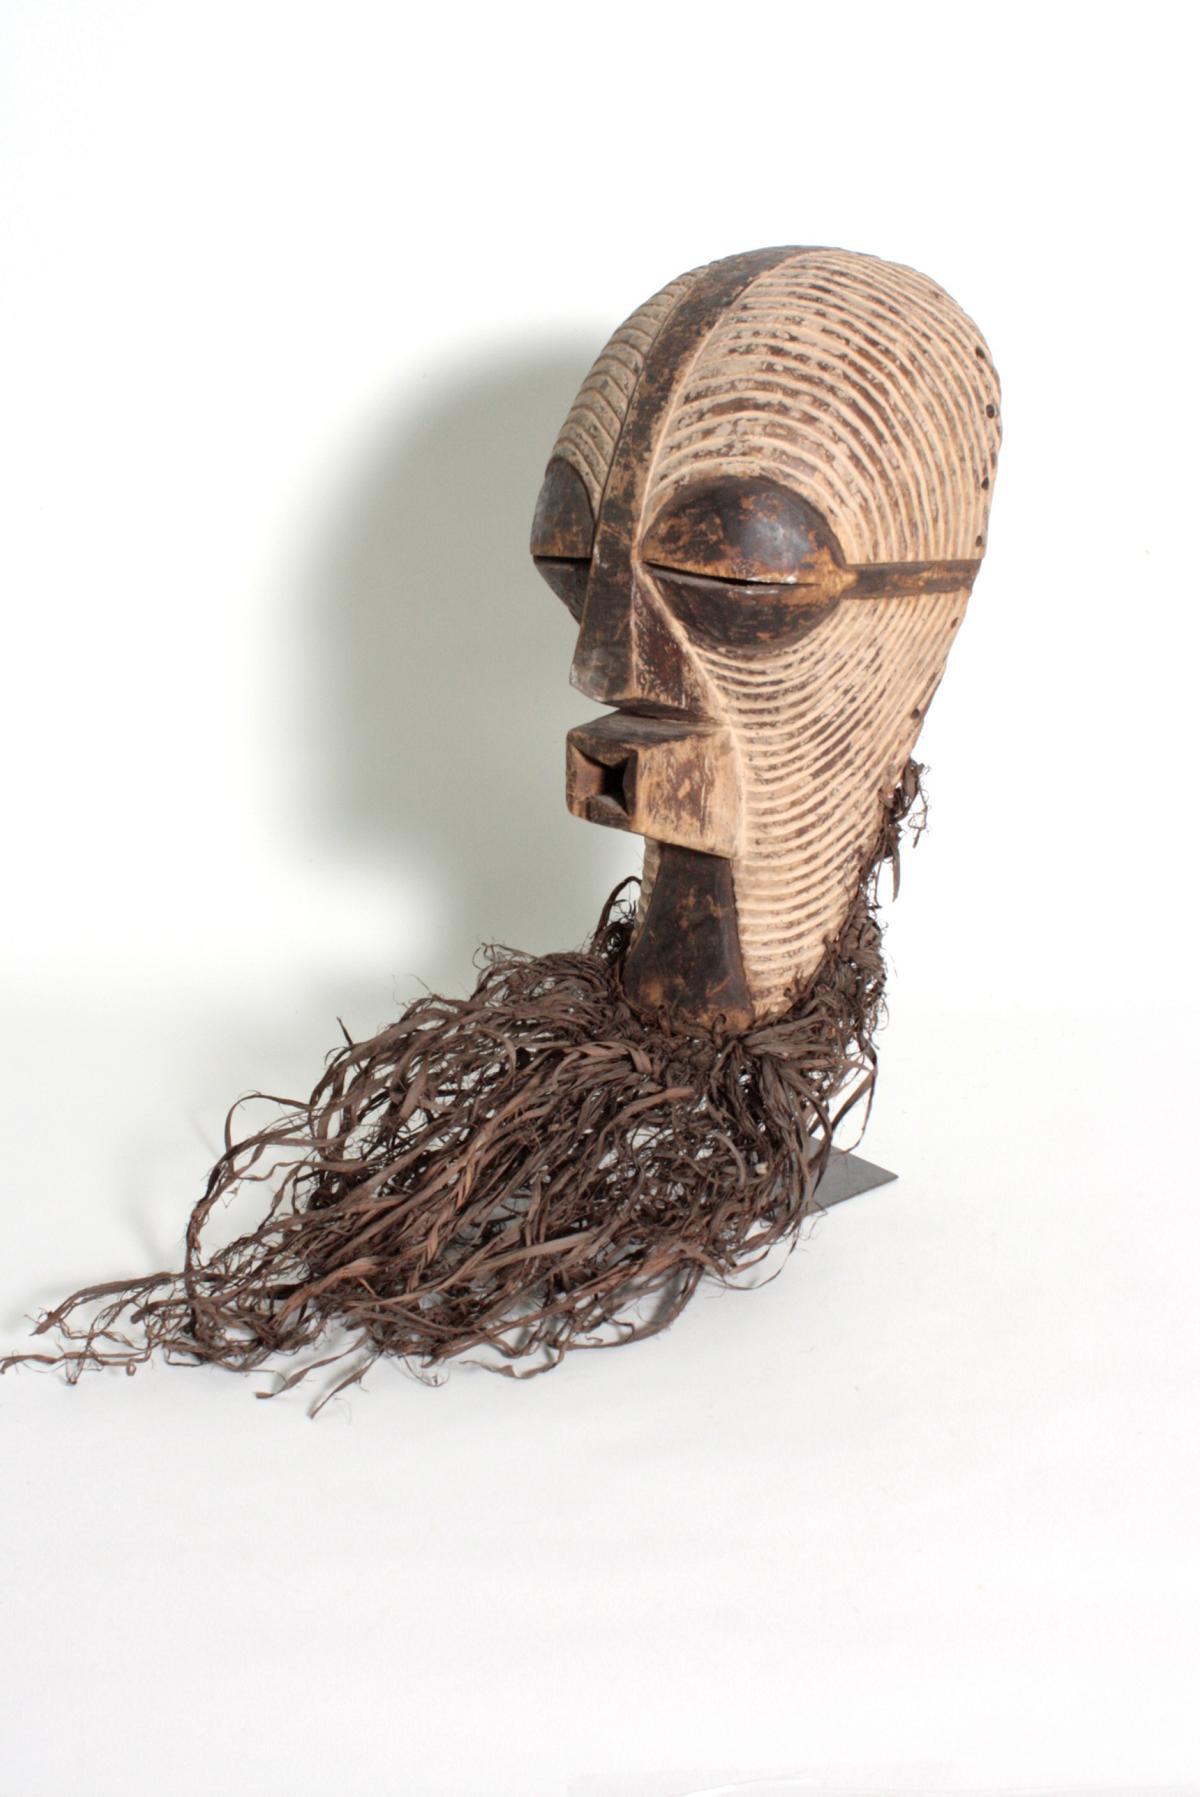 Weibliche Kifwebe-Maske 'kikashi', Kongo/Songe,  1. Hälfte 20. Jh-3